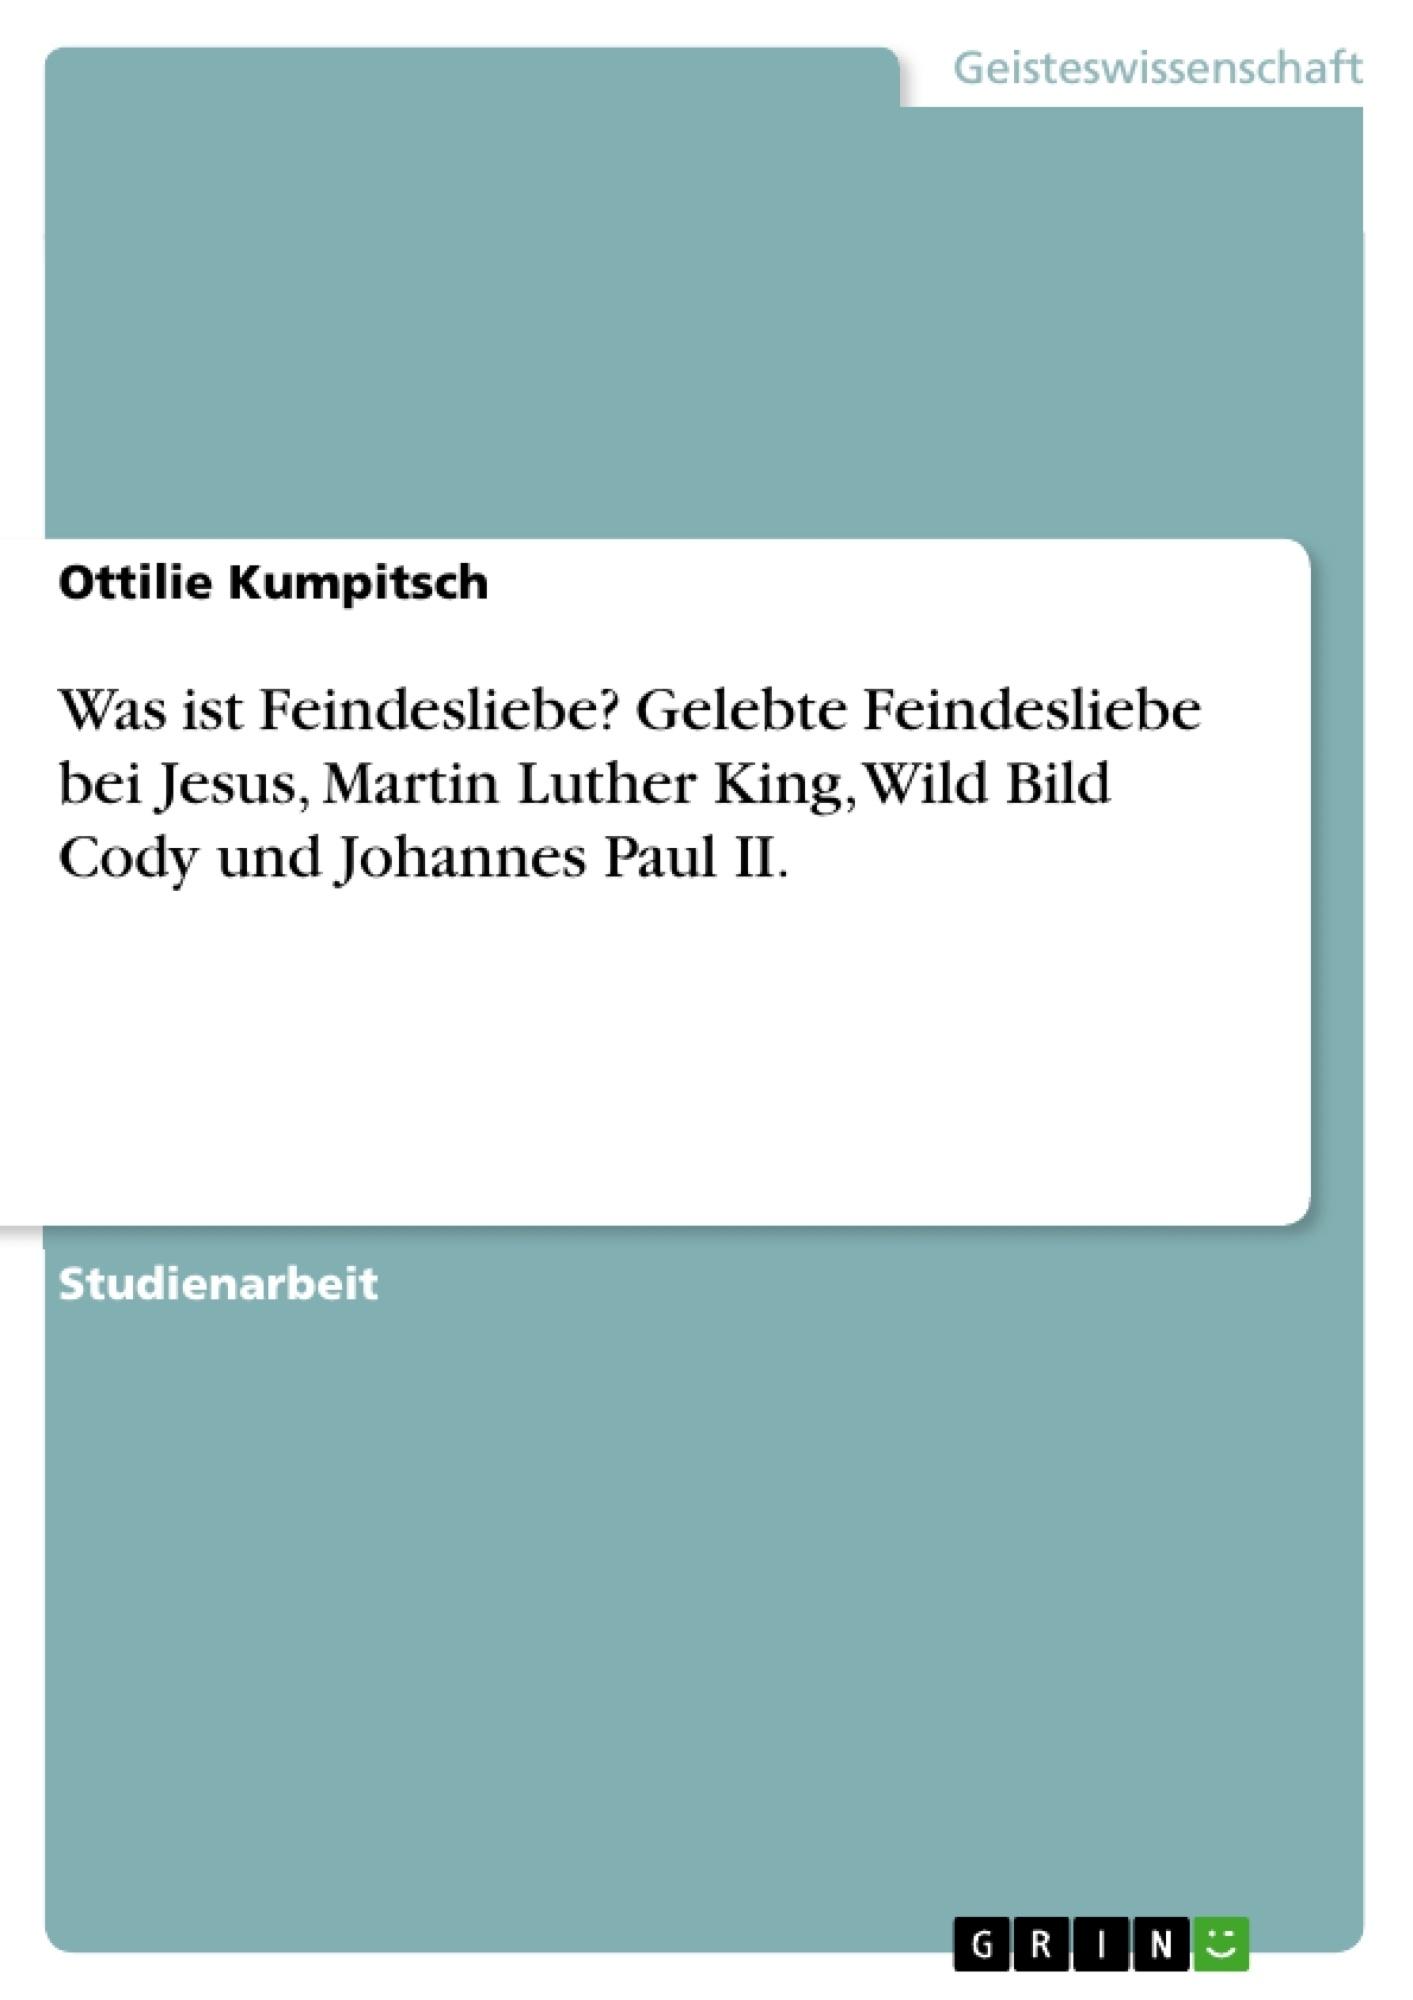 Titel: Was ist Feindesliebe? Gelebte Feindesliebe bei Jesus, Martin Luther King, Wild Bild Cody und Johannes Paul II.